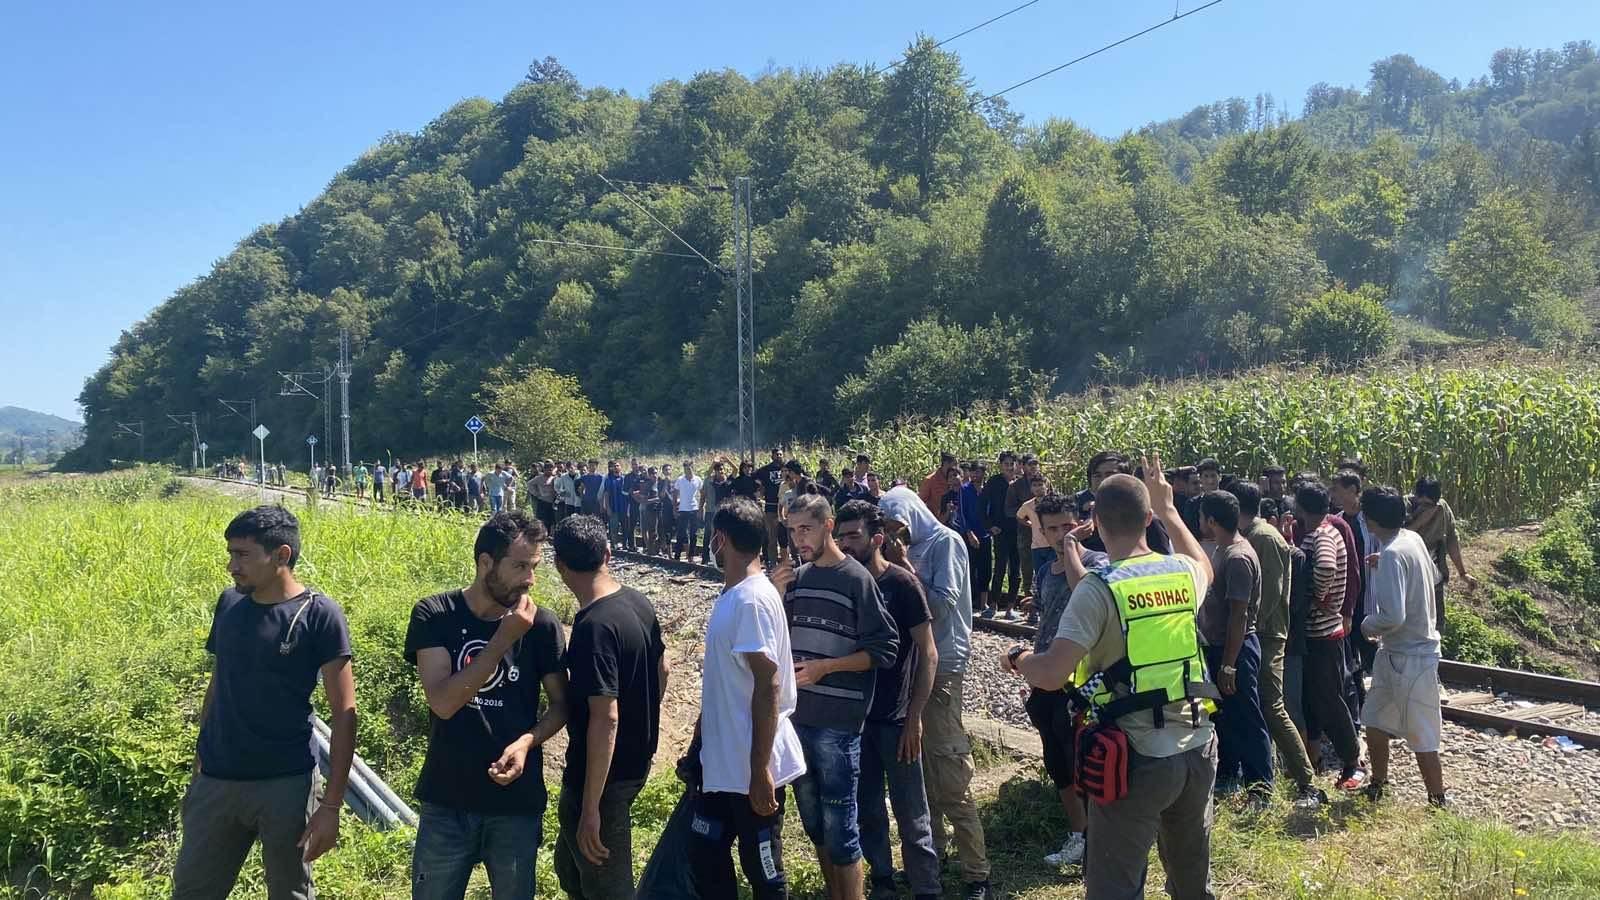 migranti3.jpg